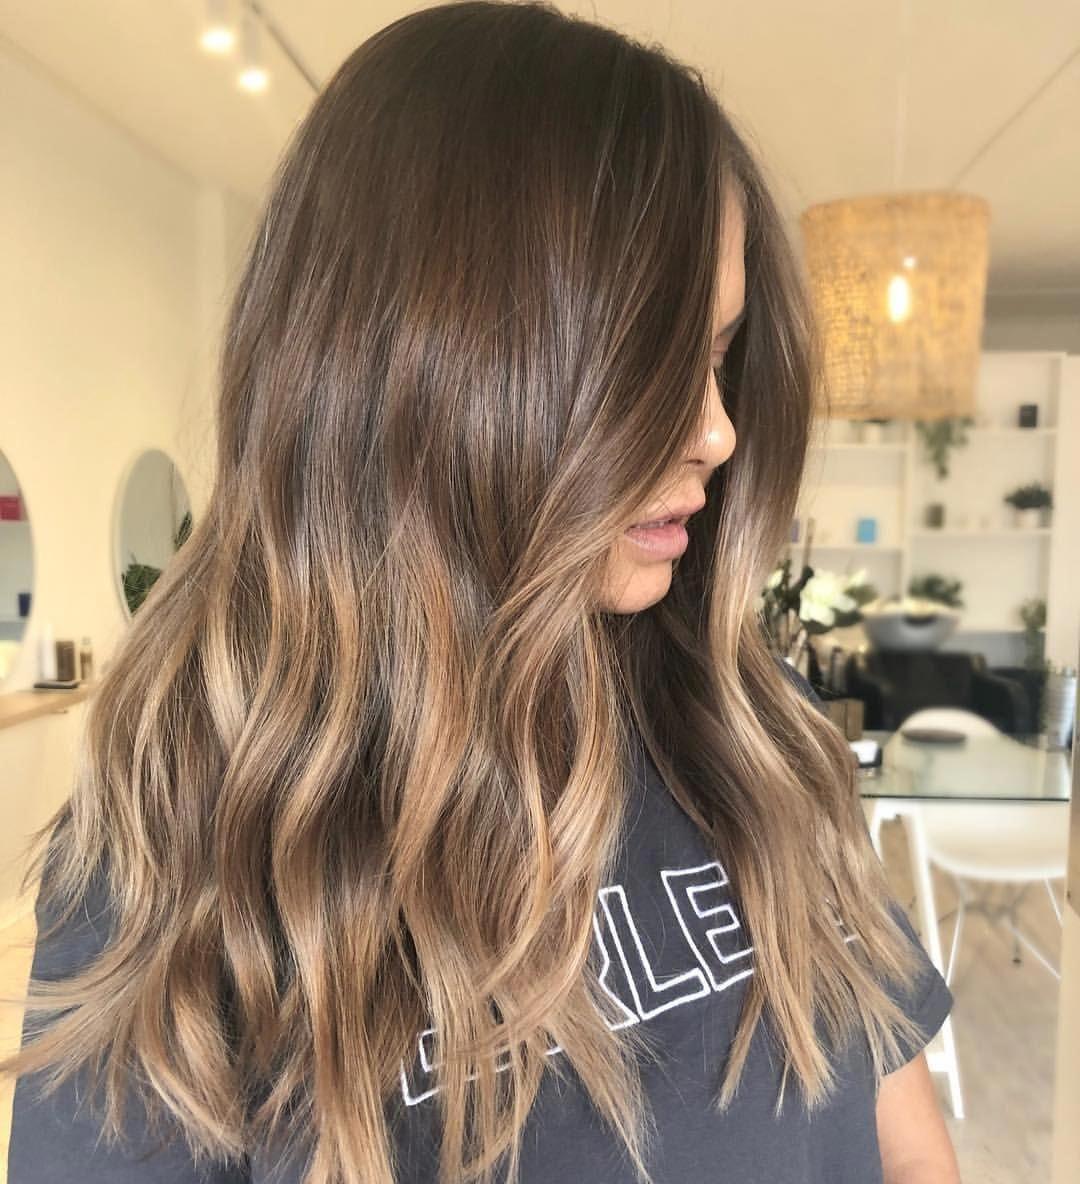 20 Stunning Examples Of Mushroom Brown Hair Color In 2020 Brown